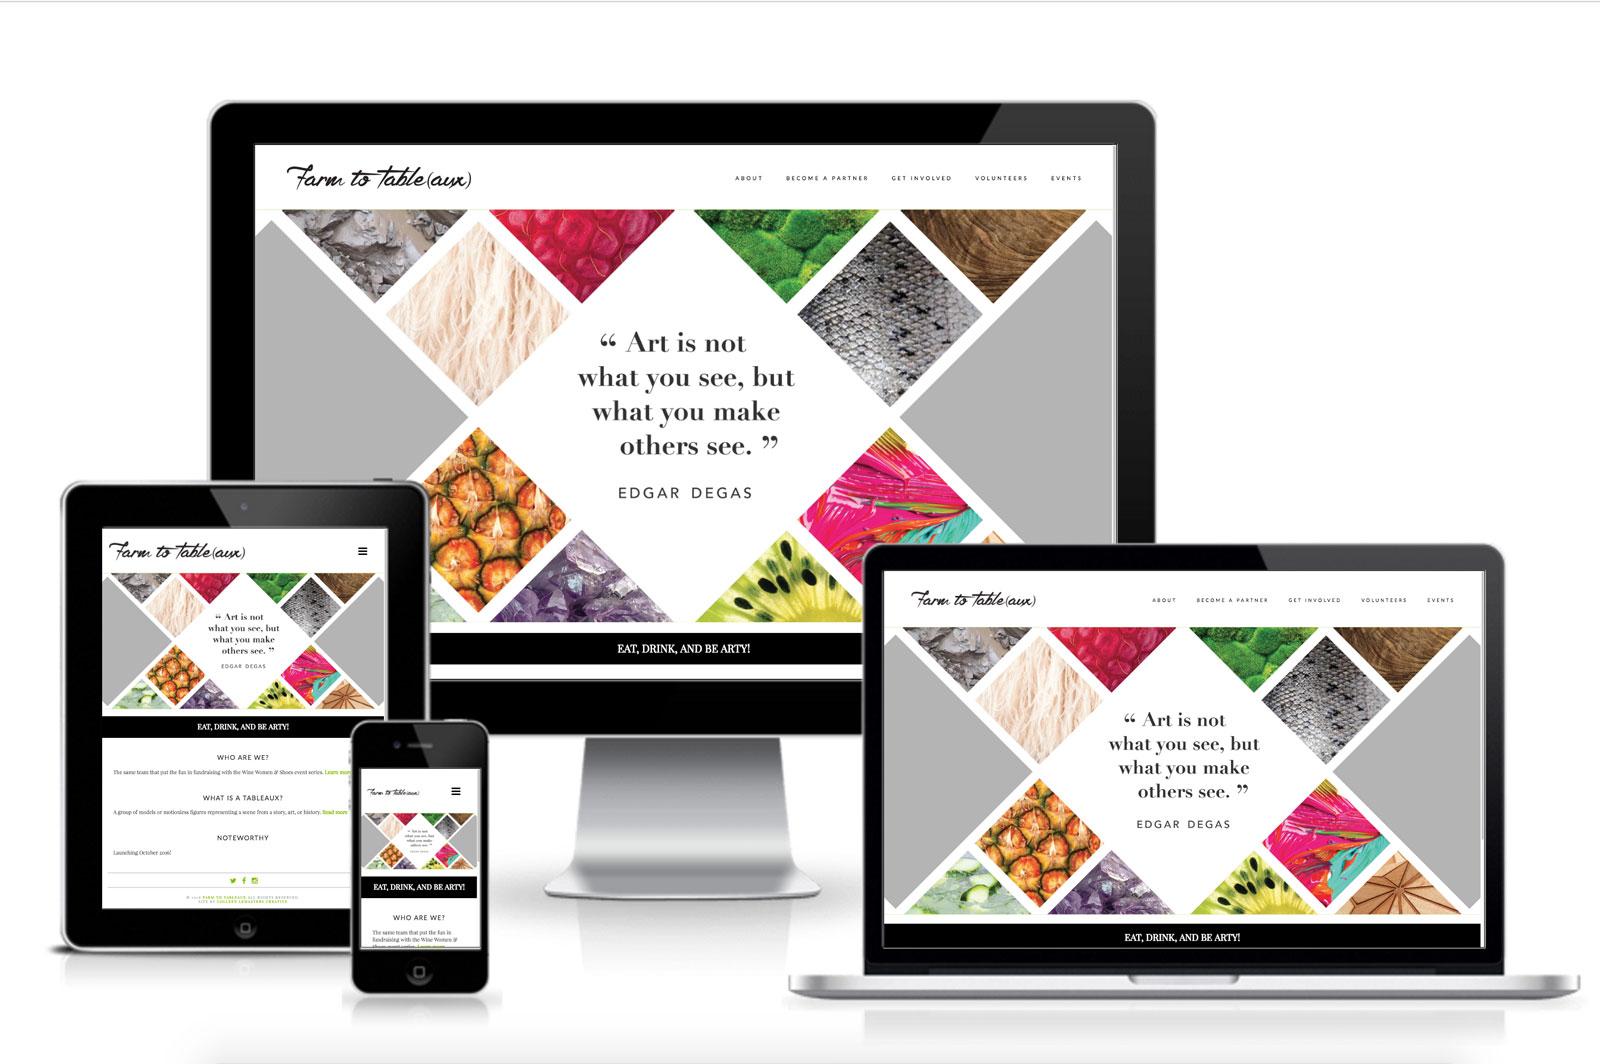 farm-to-tableaux_clcreative-site